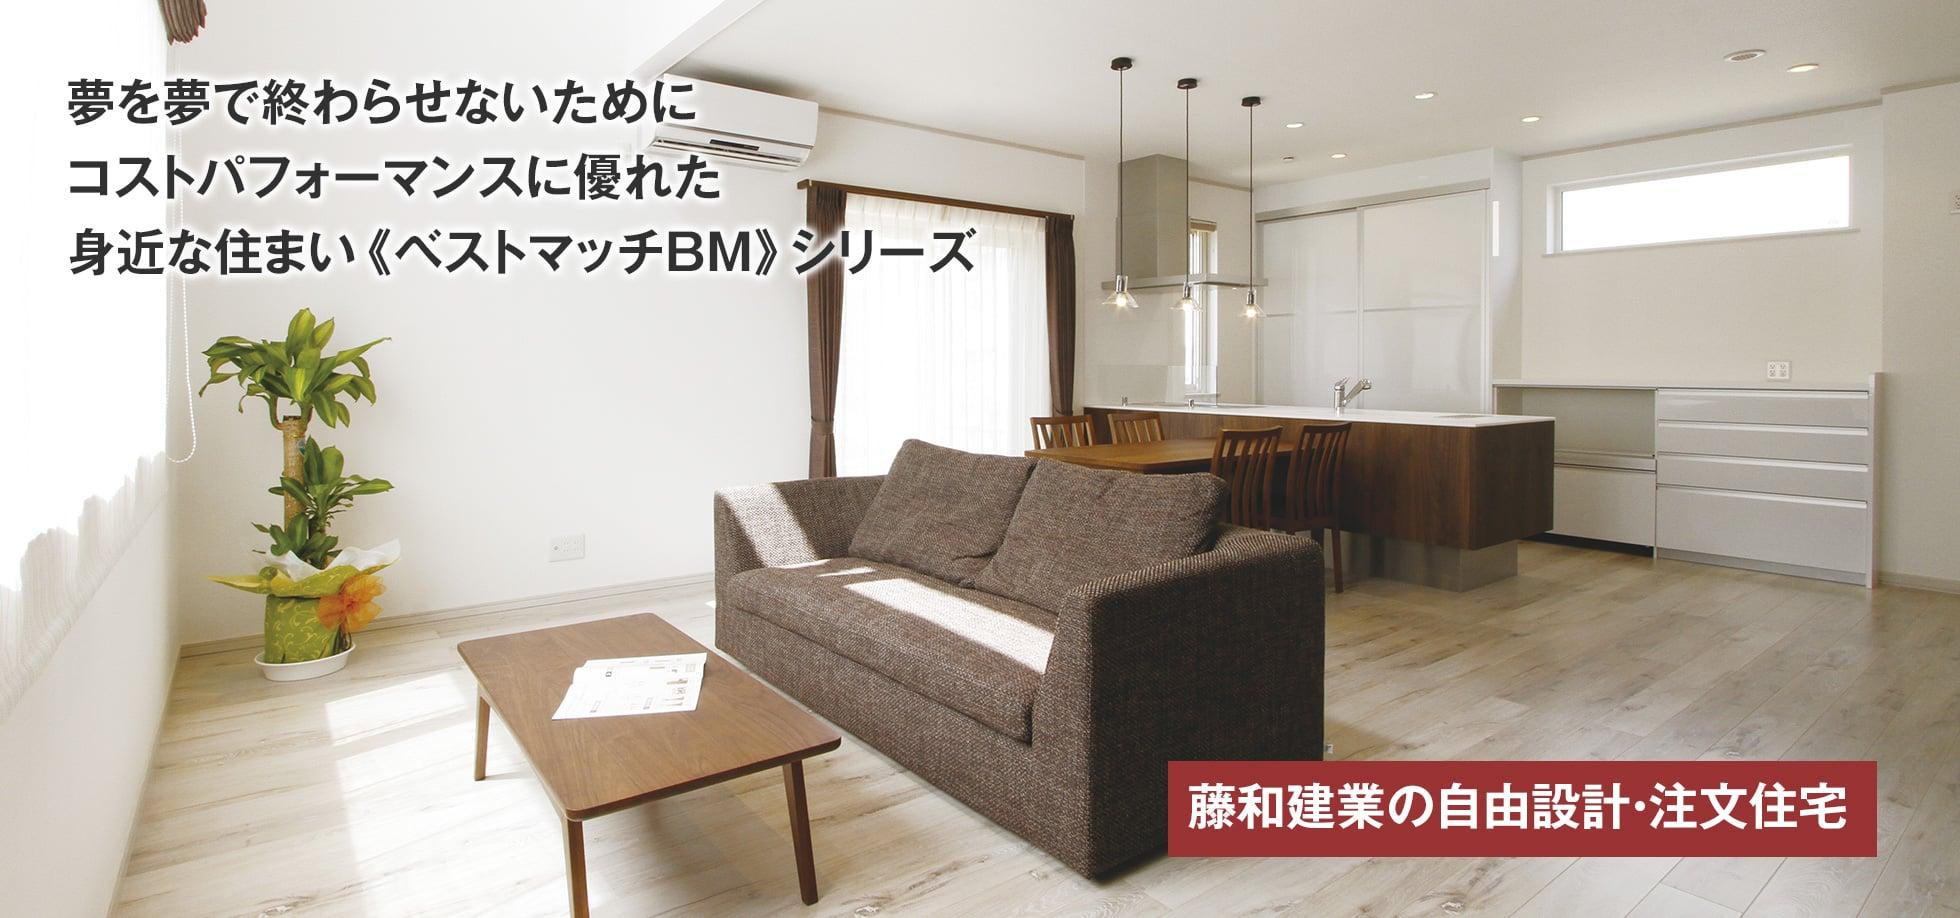 藤和建業の自由設計・注文住宅 夢を夢で終わらせないためにコストパフォーマンスに優れた身近な住まい《ベストマッチBM》シリーズ